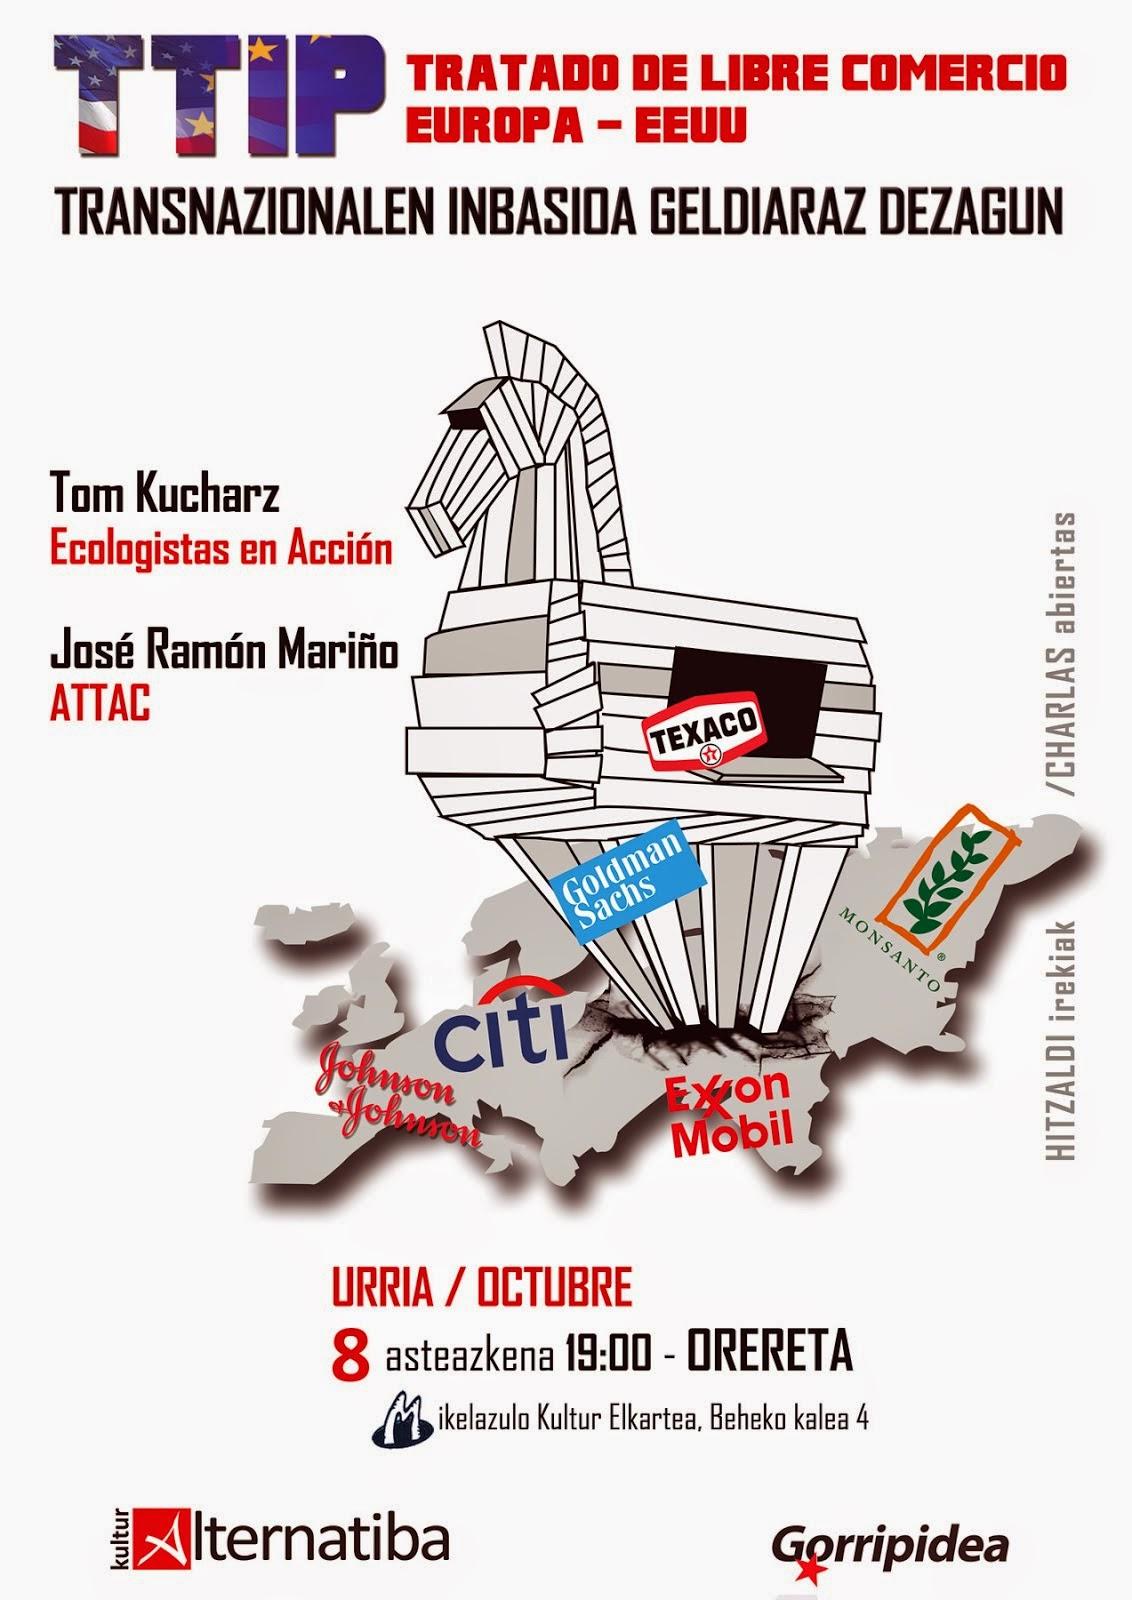 TTIP geldiaraz dezagun !!!Urriak 8